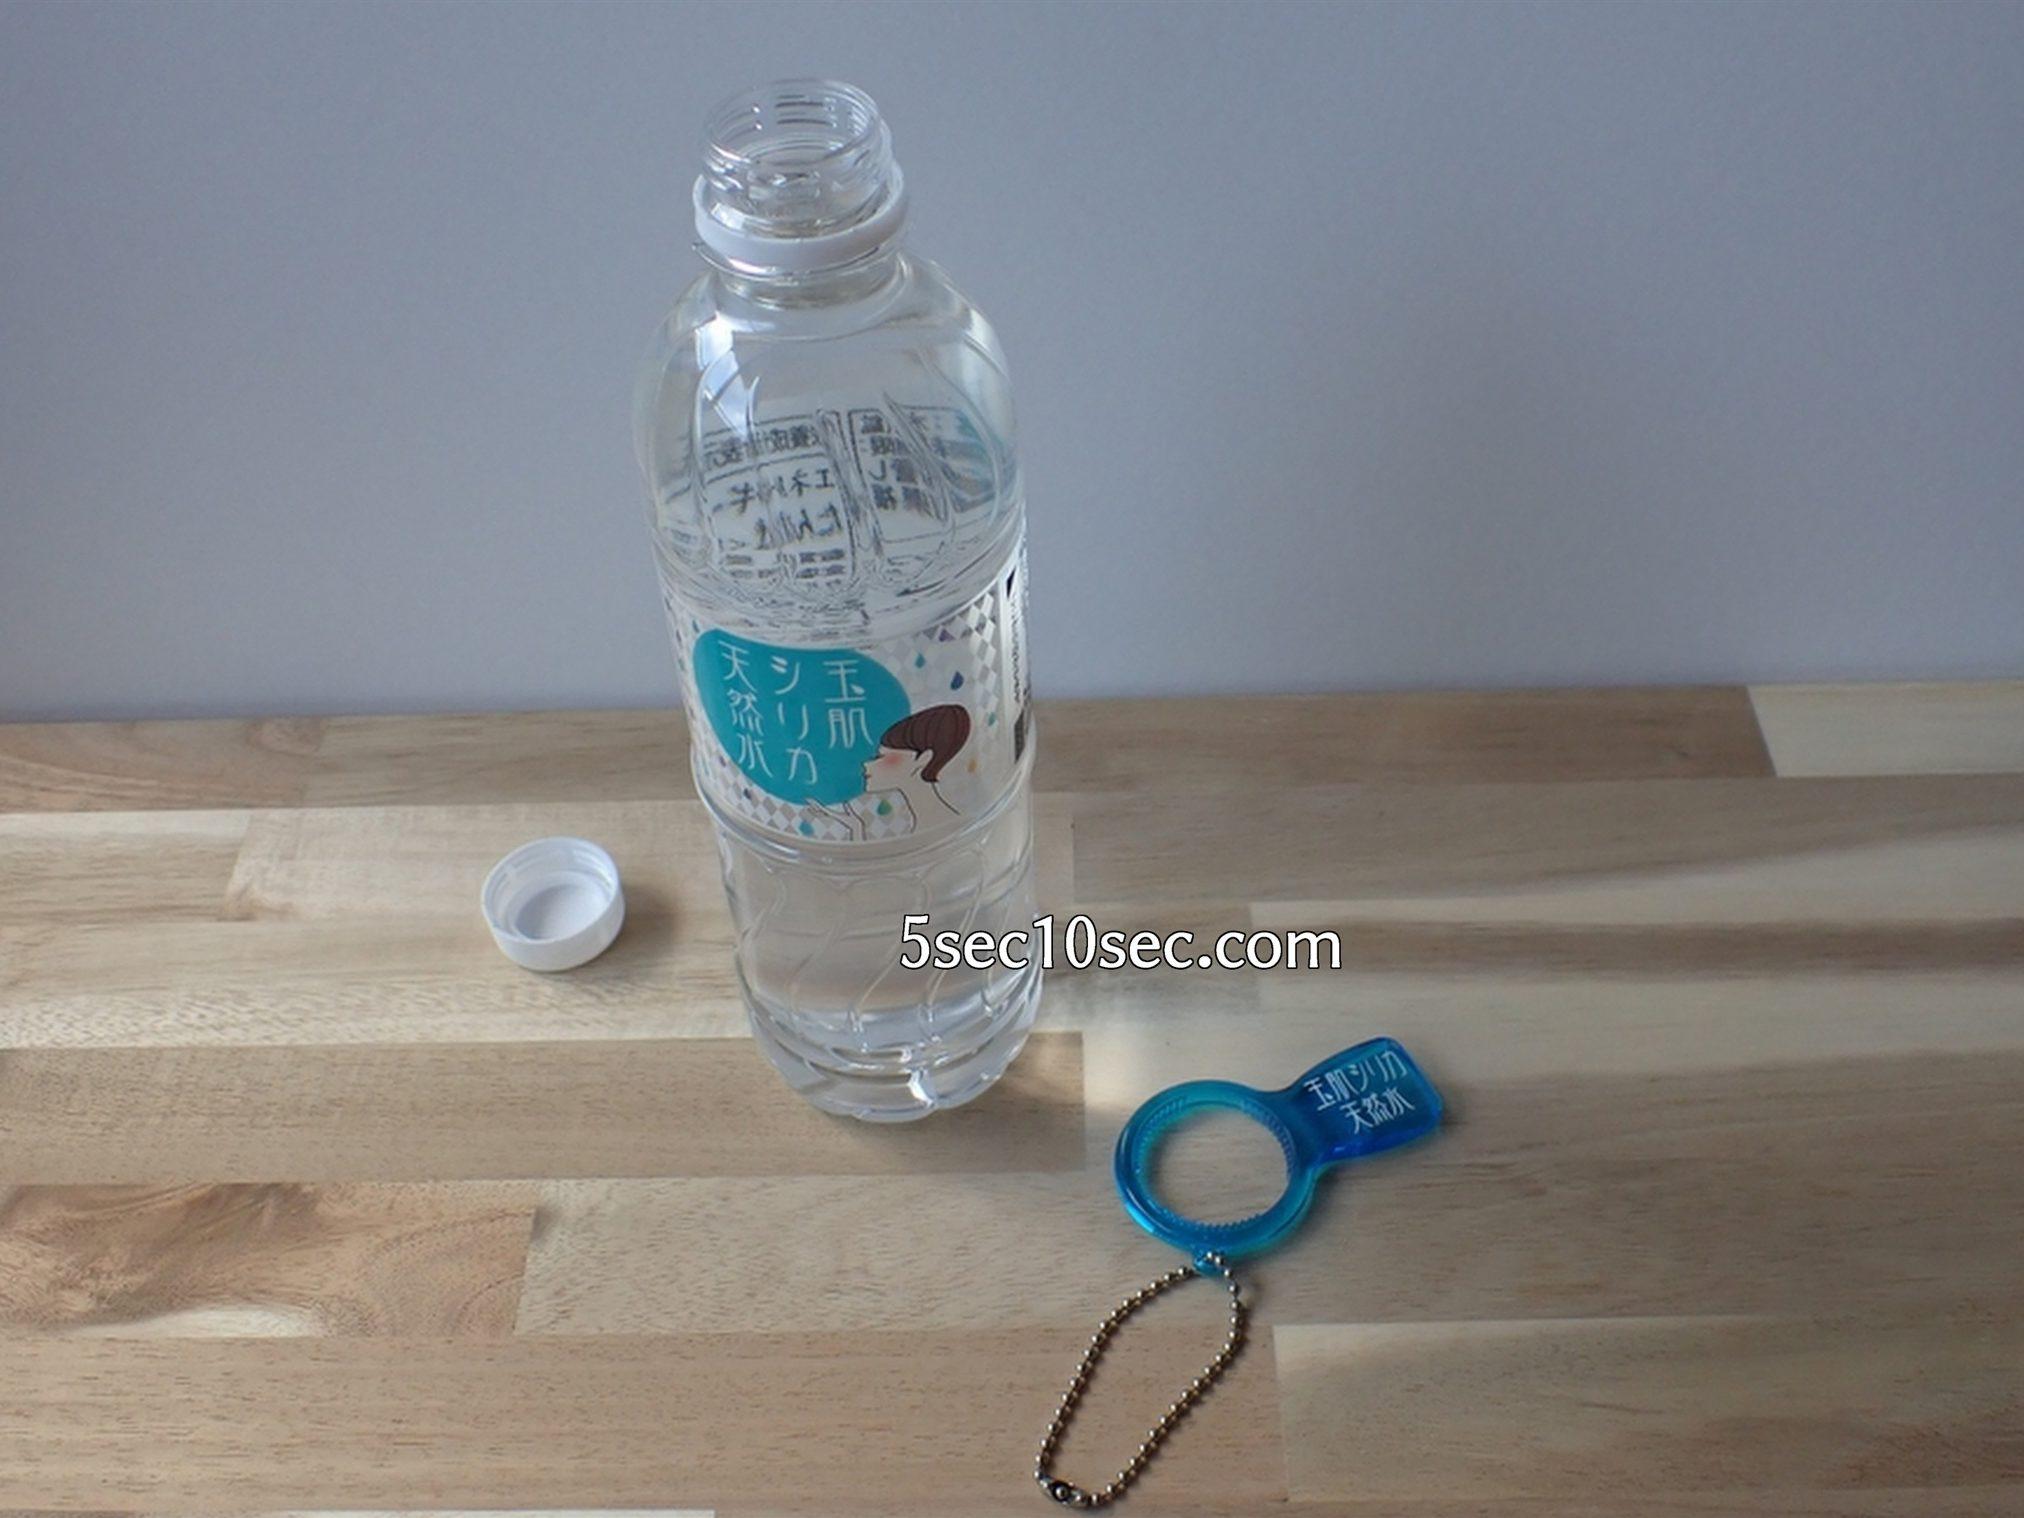 玉肌シリカ天然水 ペットボトルオープナーを使ってキャップを開けて開封した写真